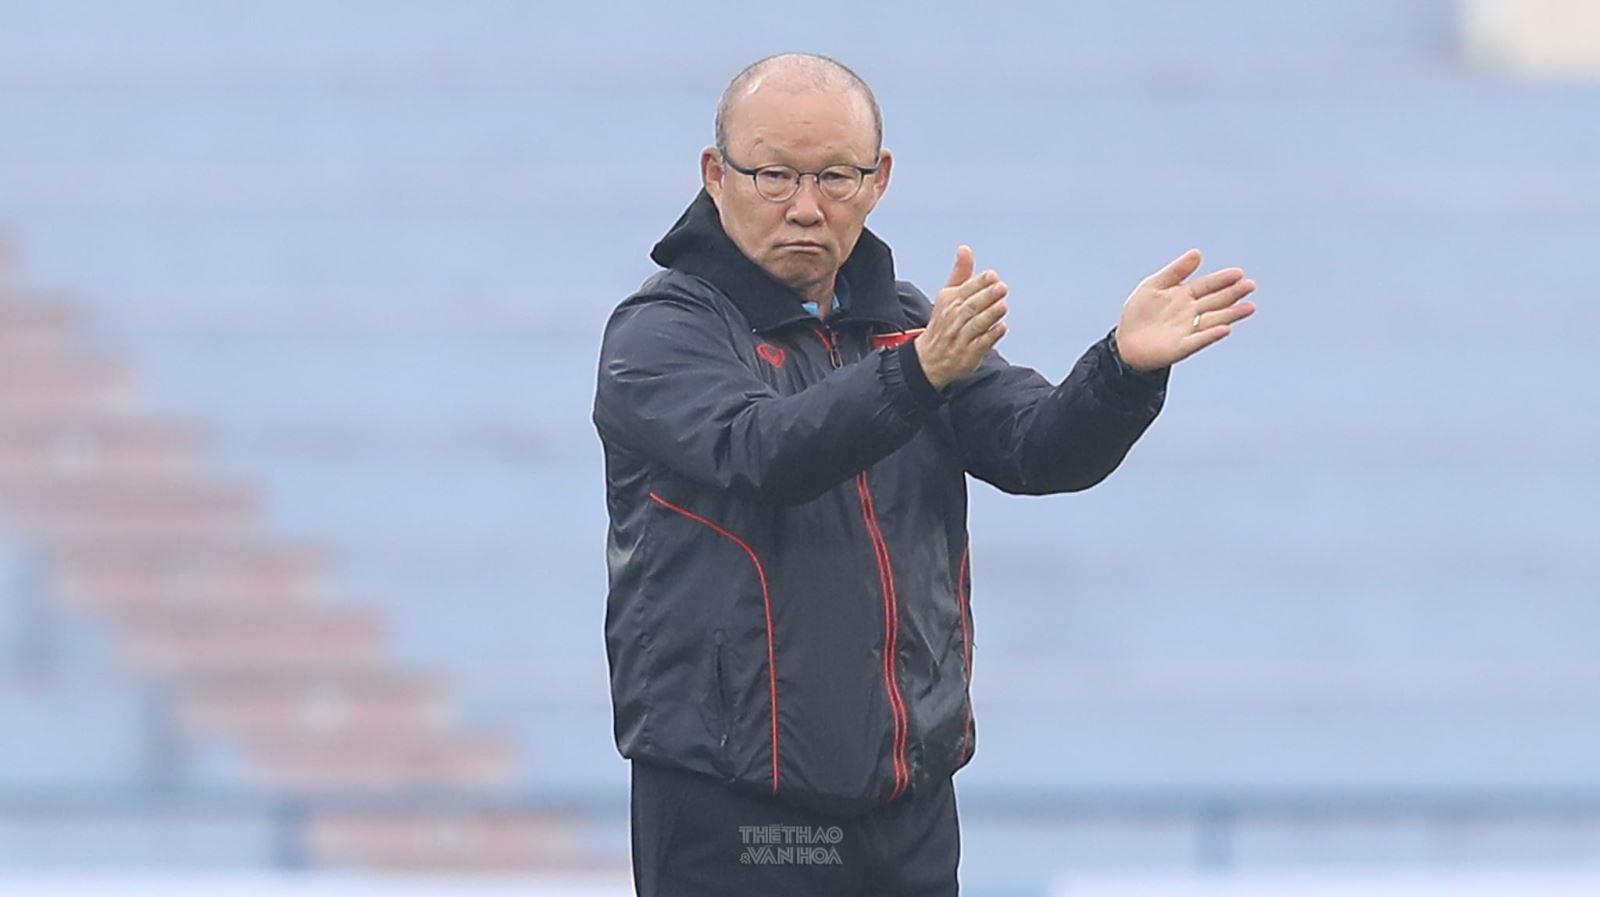 Bóng đá Việt Nam hôm nay: HLV Park Hang Seo giúp tuyển Việt Nam làm nên lịch sử